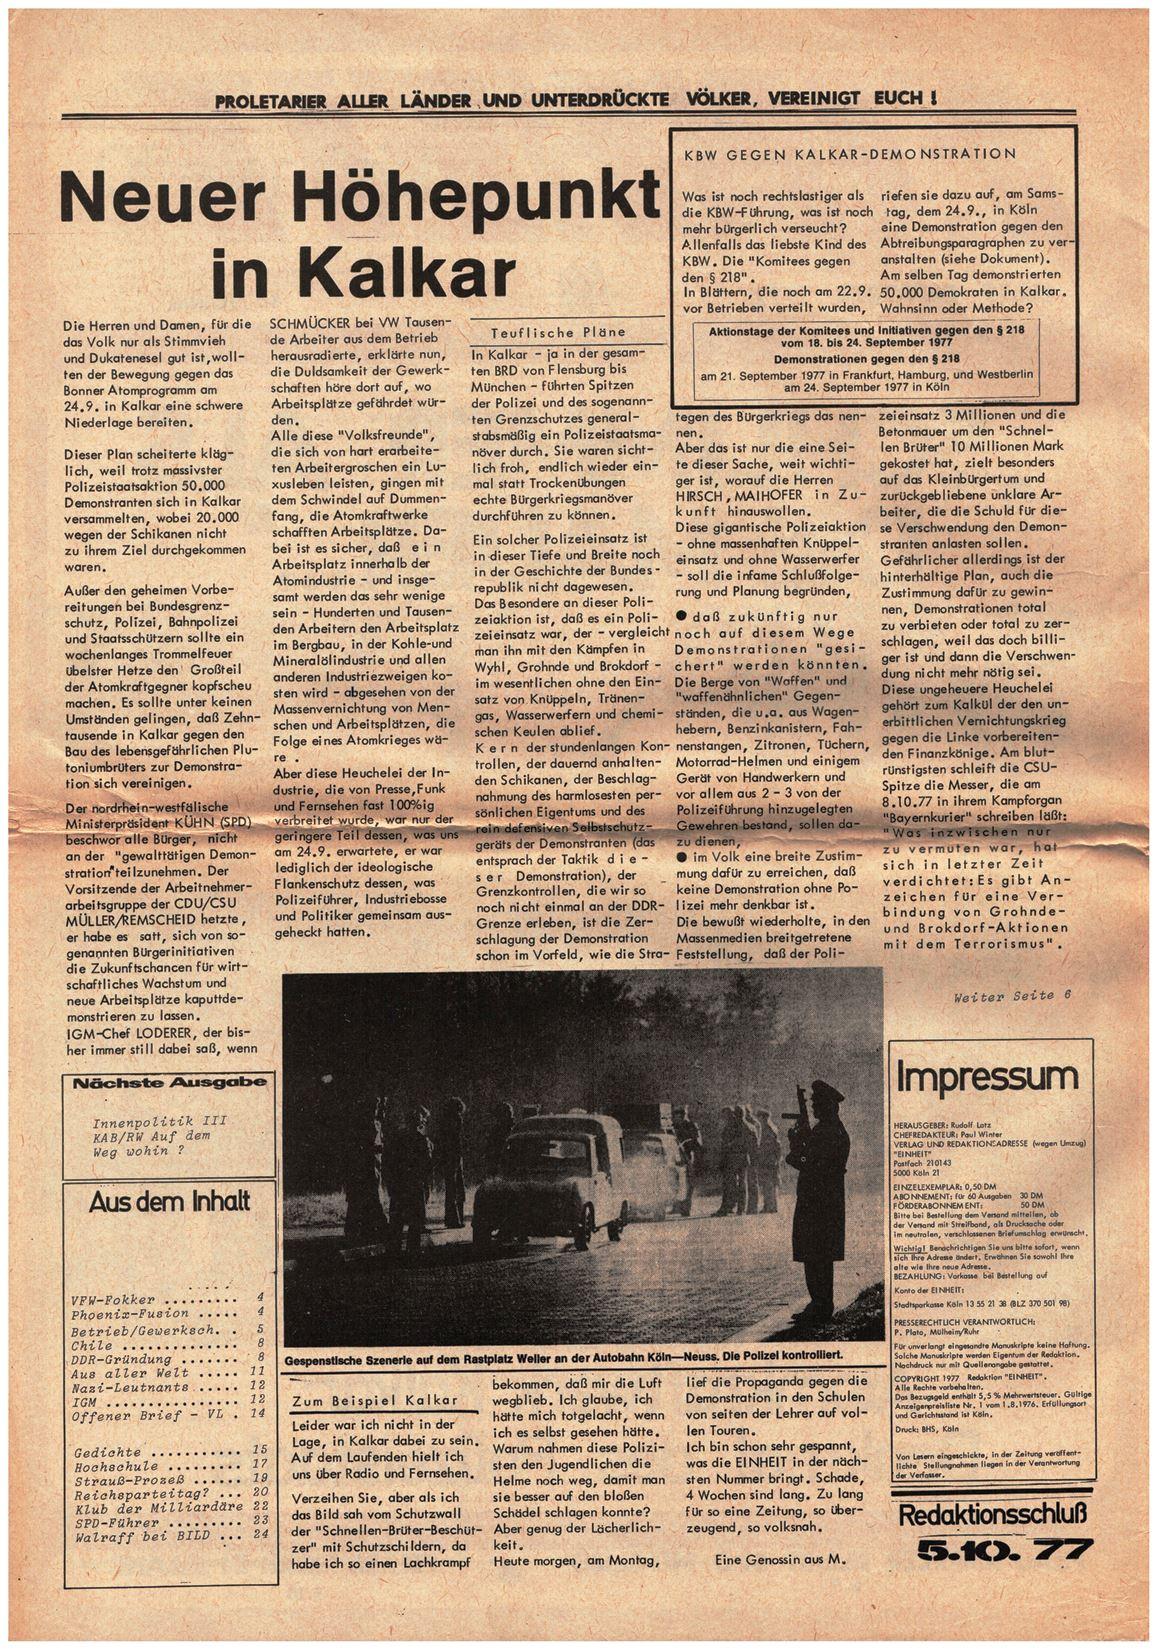 Koeln_IPdA_Einheit_1977_019_002